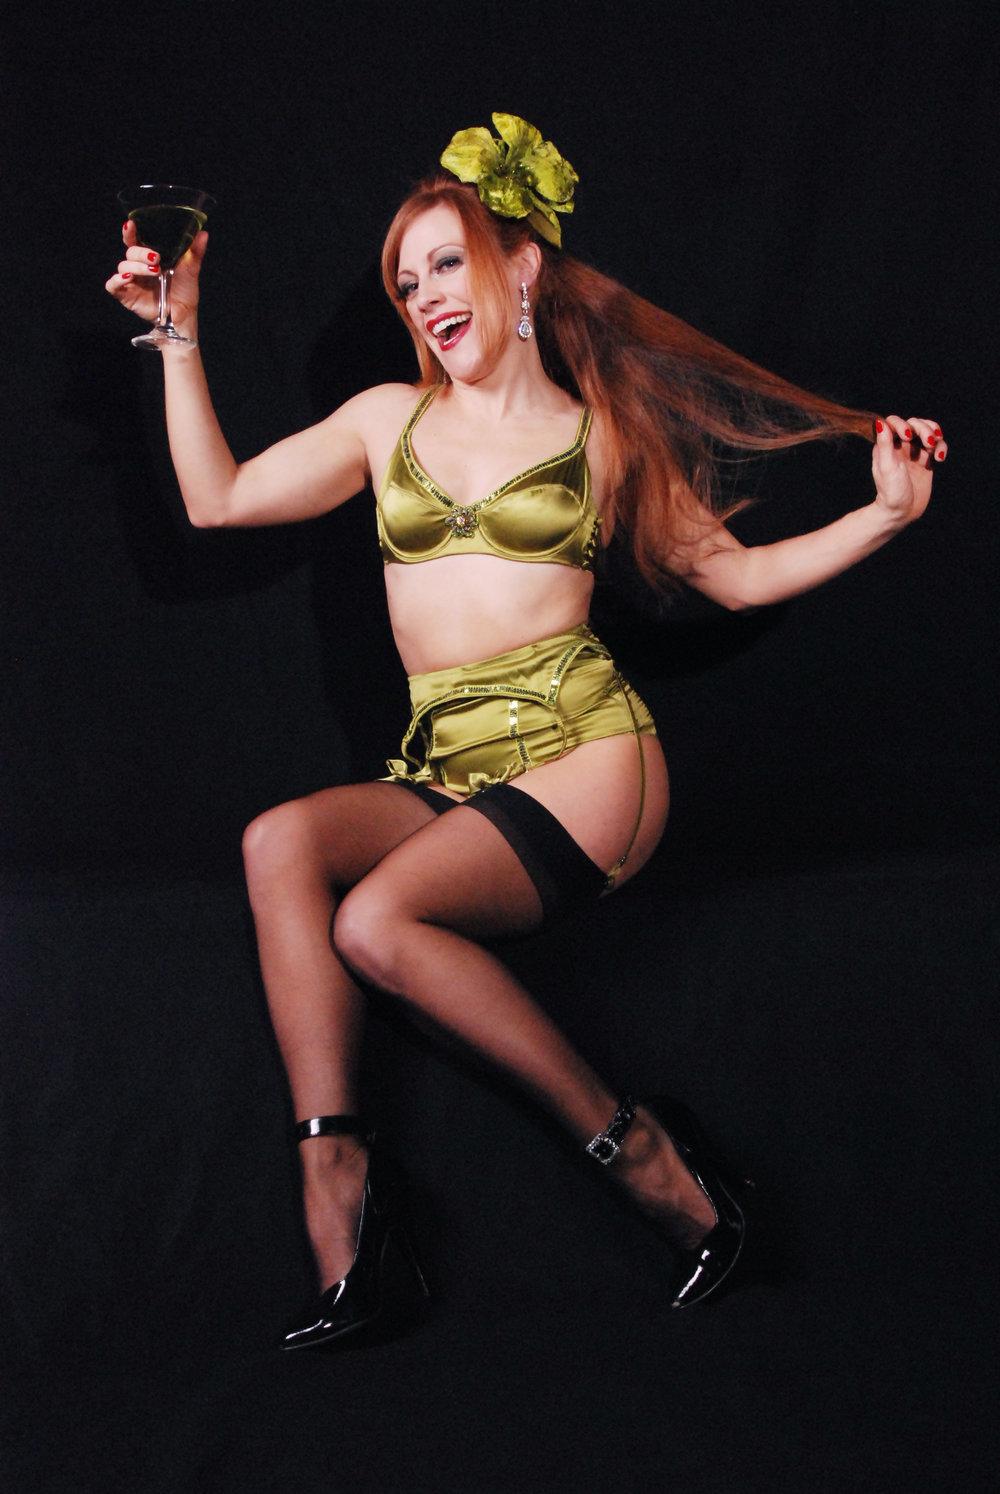 Trixie_Chartreuse_Hair.jpg